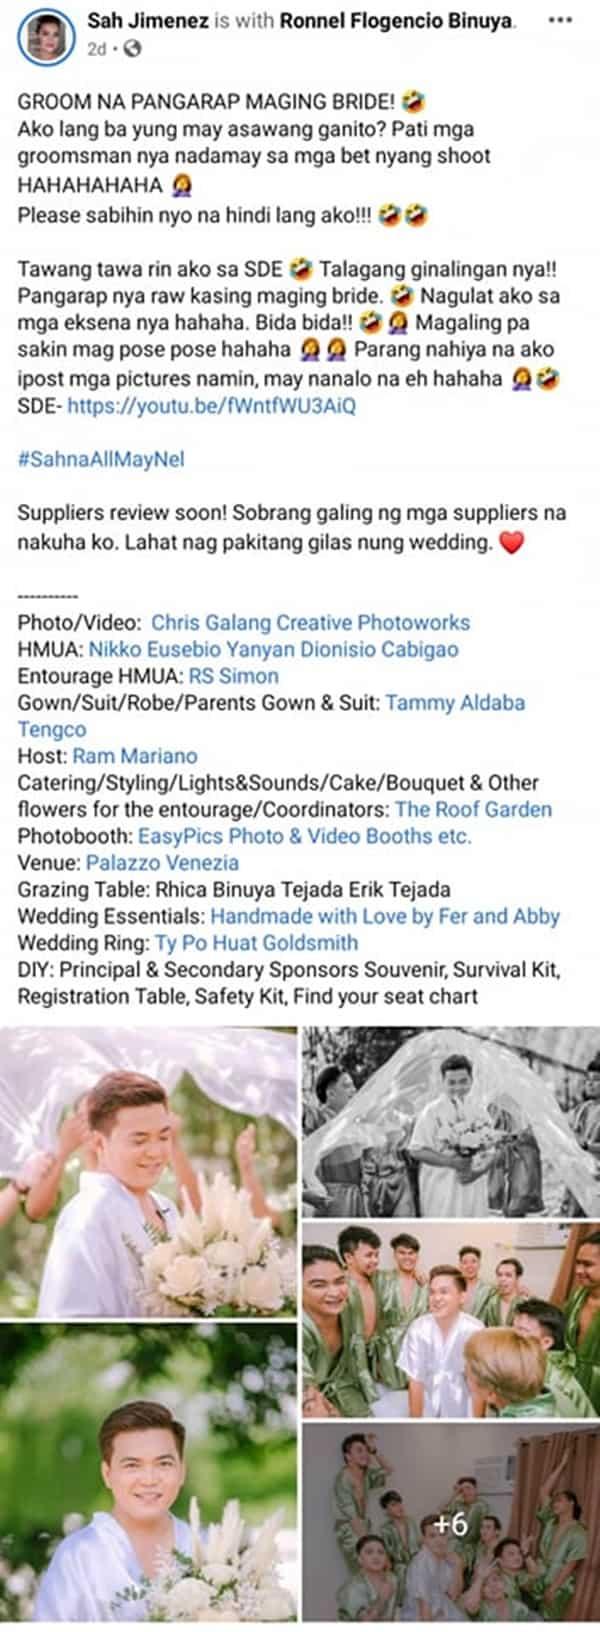 Kwento ng isang netizen na may asawang pinangarap maging bride, viral na